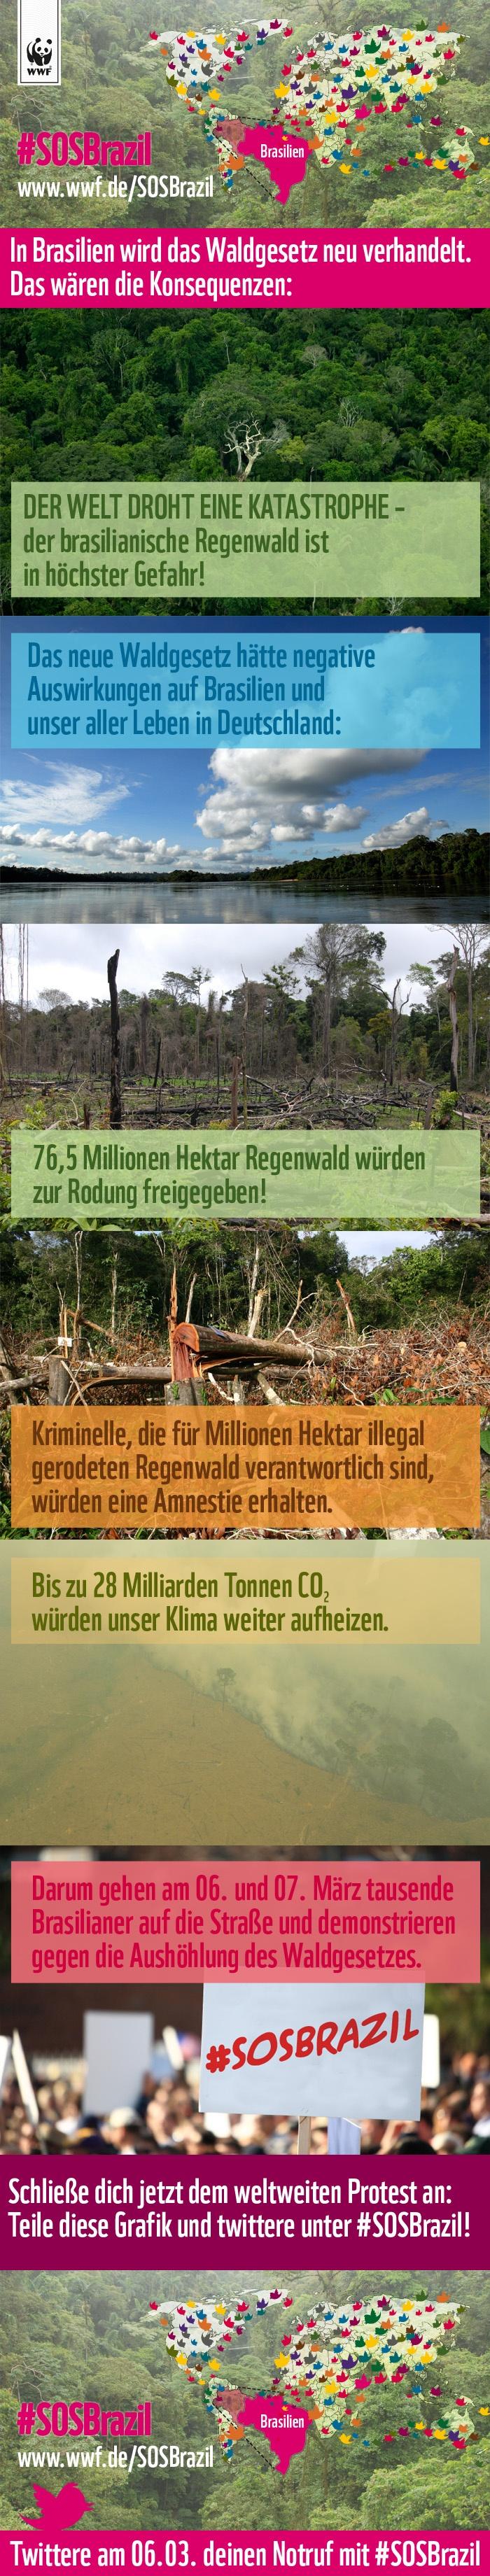 Sagt NEIN zu den Änderungen des brasilianischen Waldgesetzes und schließt euch jetzt den Demonstrationen in Brasilien und dem weltweiten Protest auf Twitter an!    Geht auf http://wwf.de/SOSBrazil und twittert mit #SOSBrazil     Wir wollen Trending Topic werden, damit so viele Menschen von diesem Gesetz erfahren wie möglich und den Politikern in Brasilien ein klares Zeichen übermitteln.    Helft der Welt und verbreitet diese Grafik soweit wie möglich!